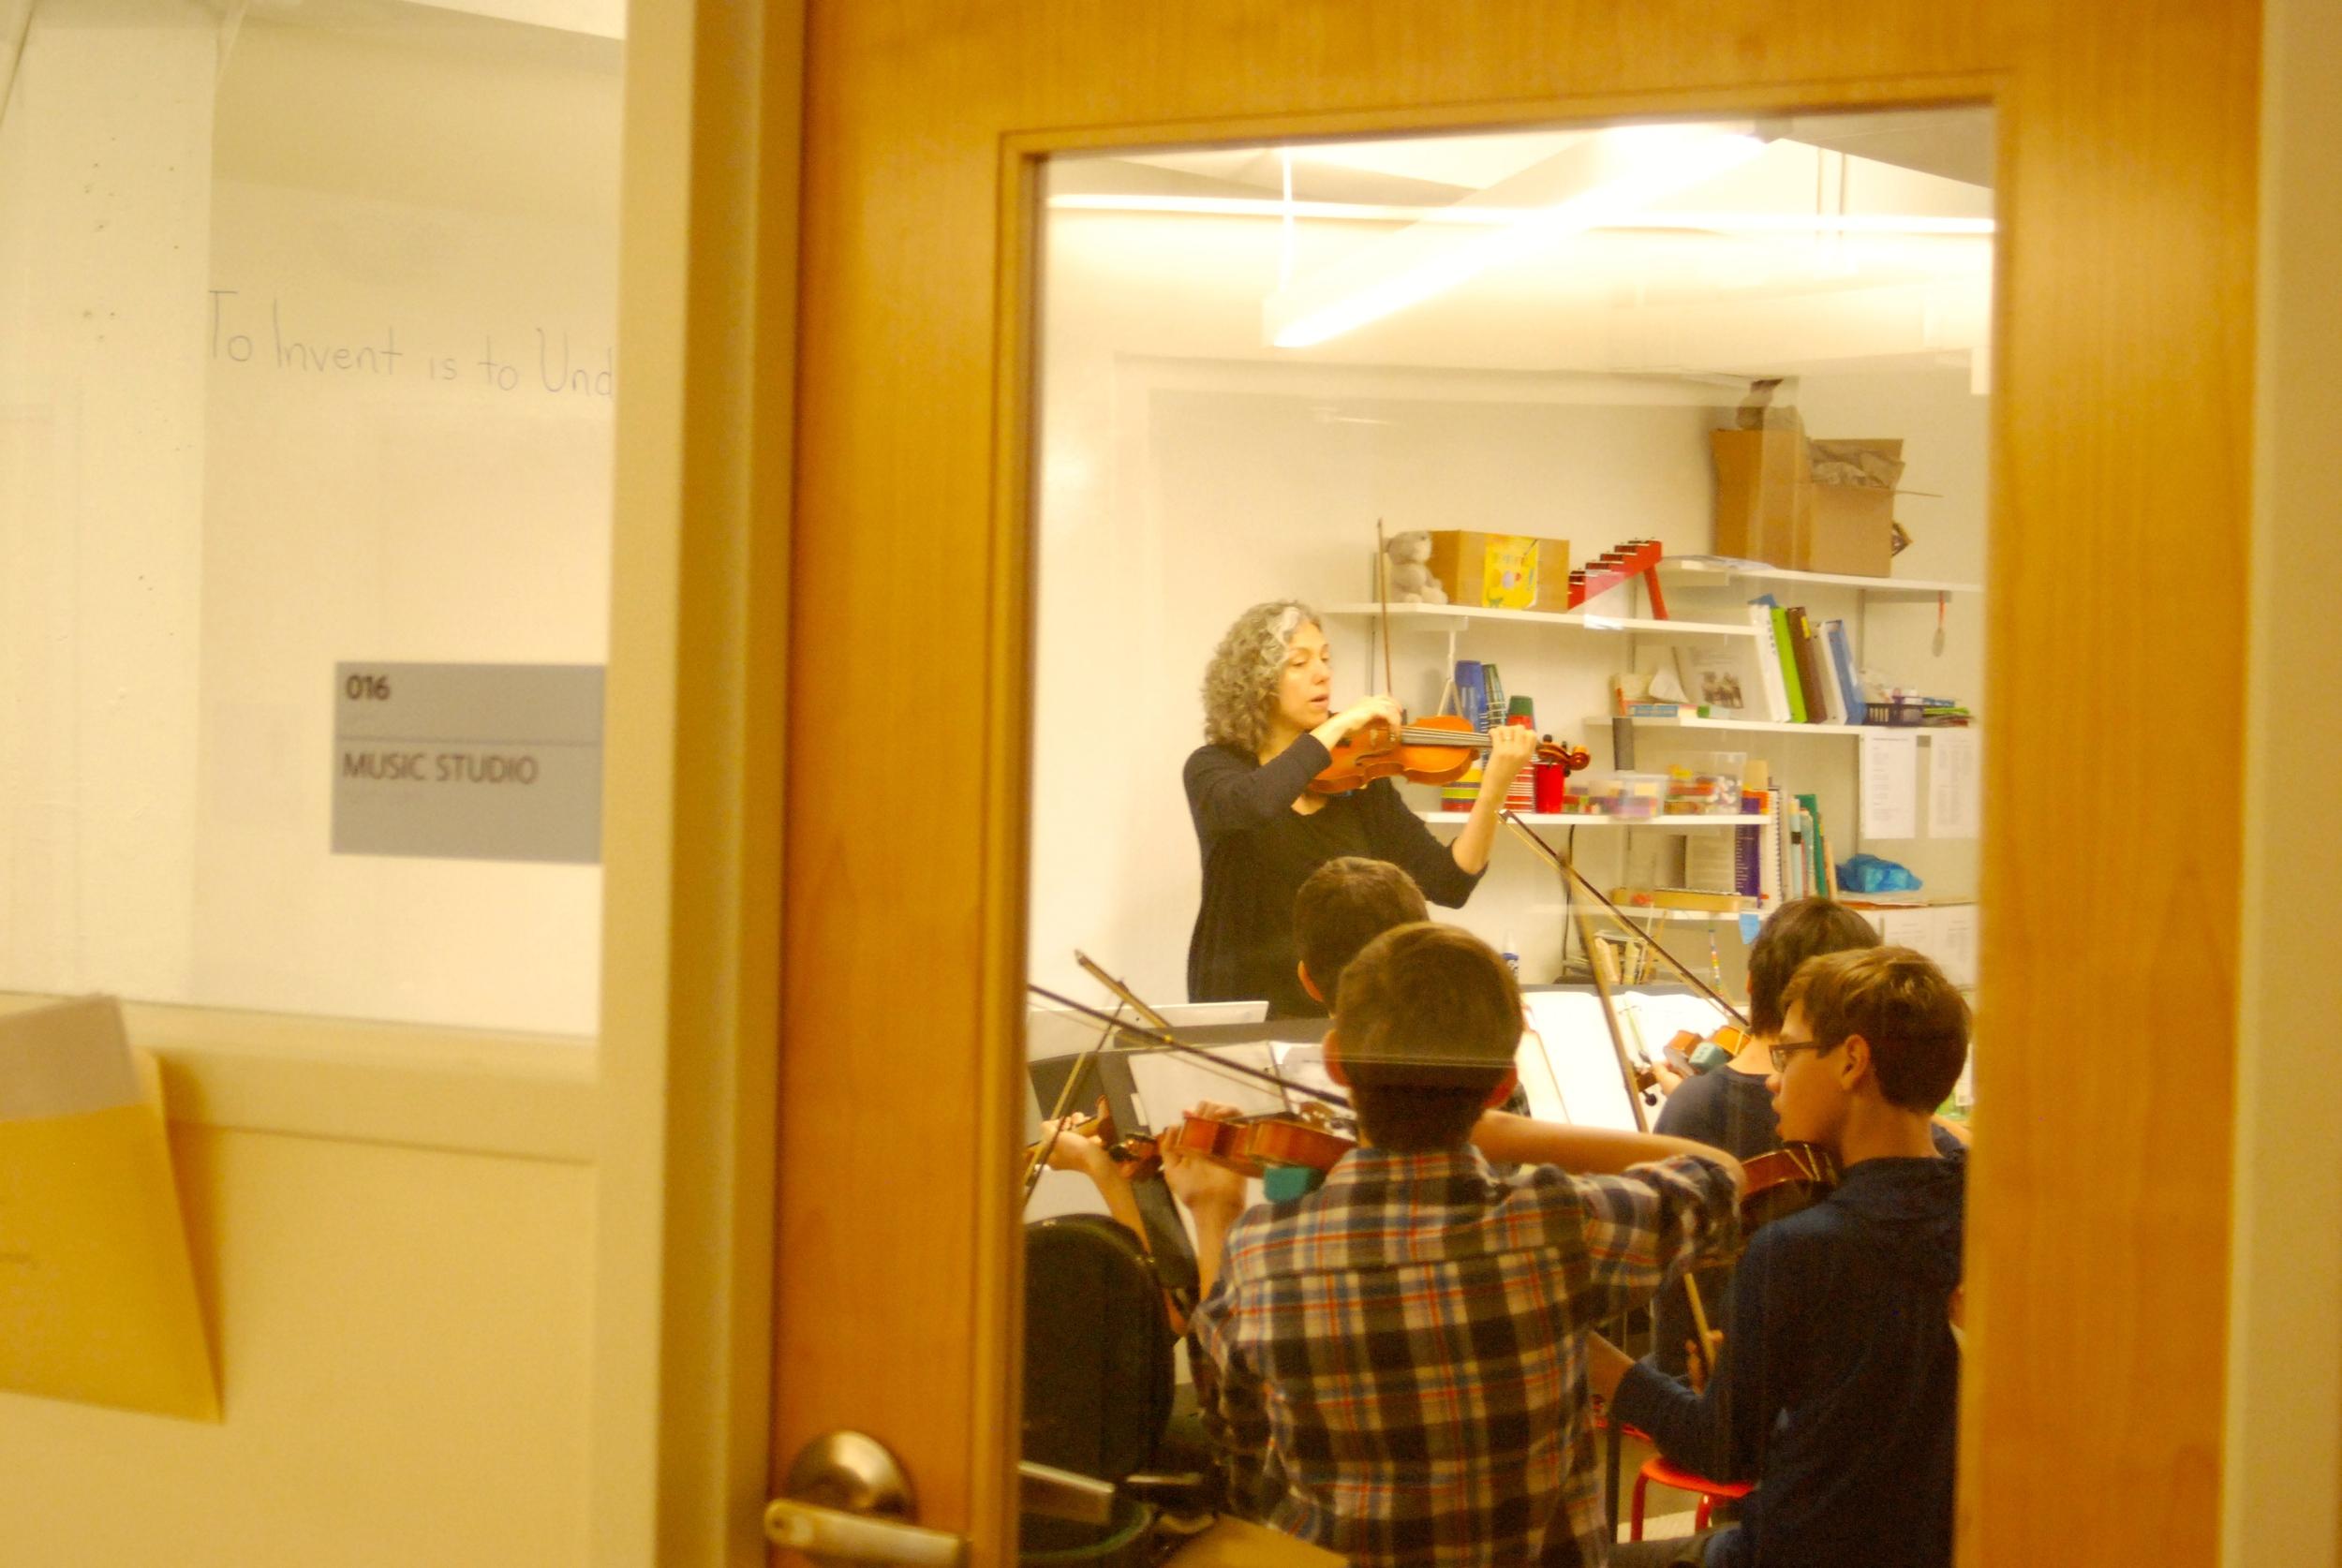 Must love violins!